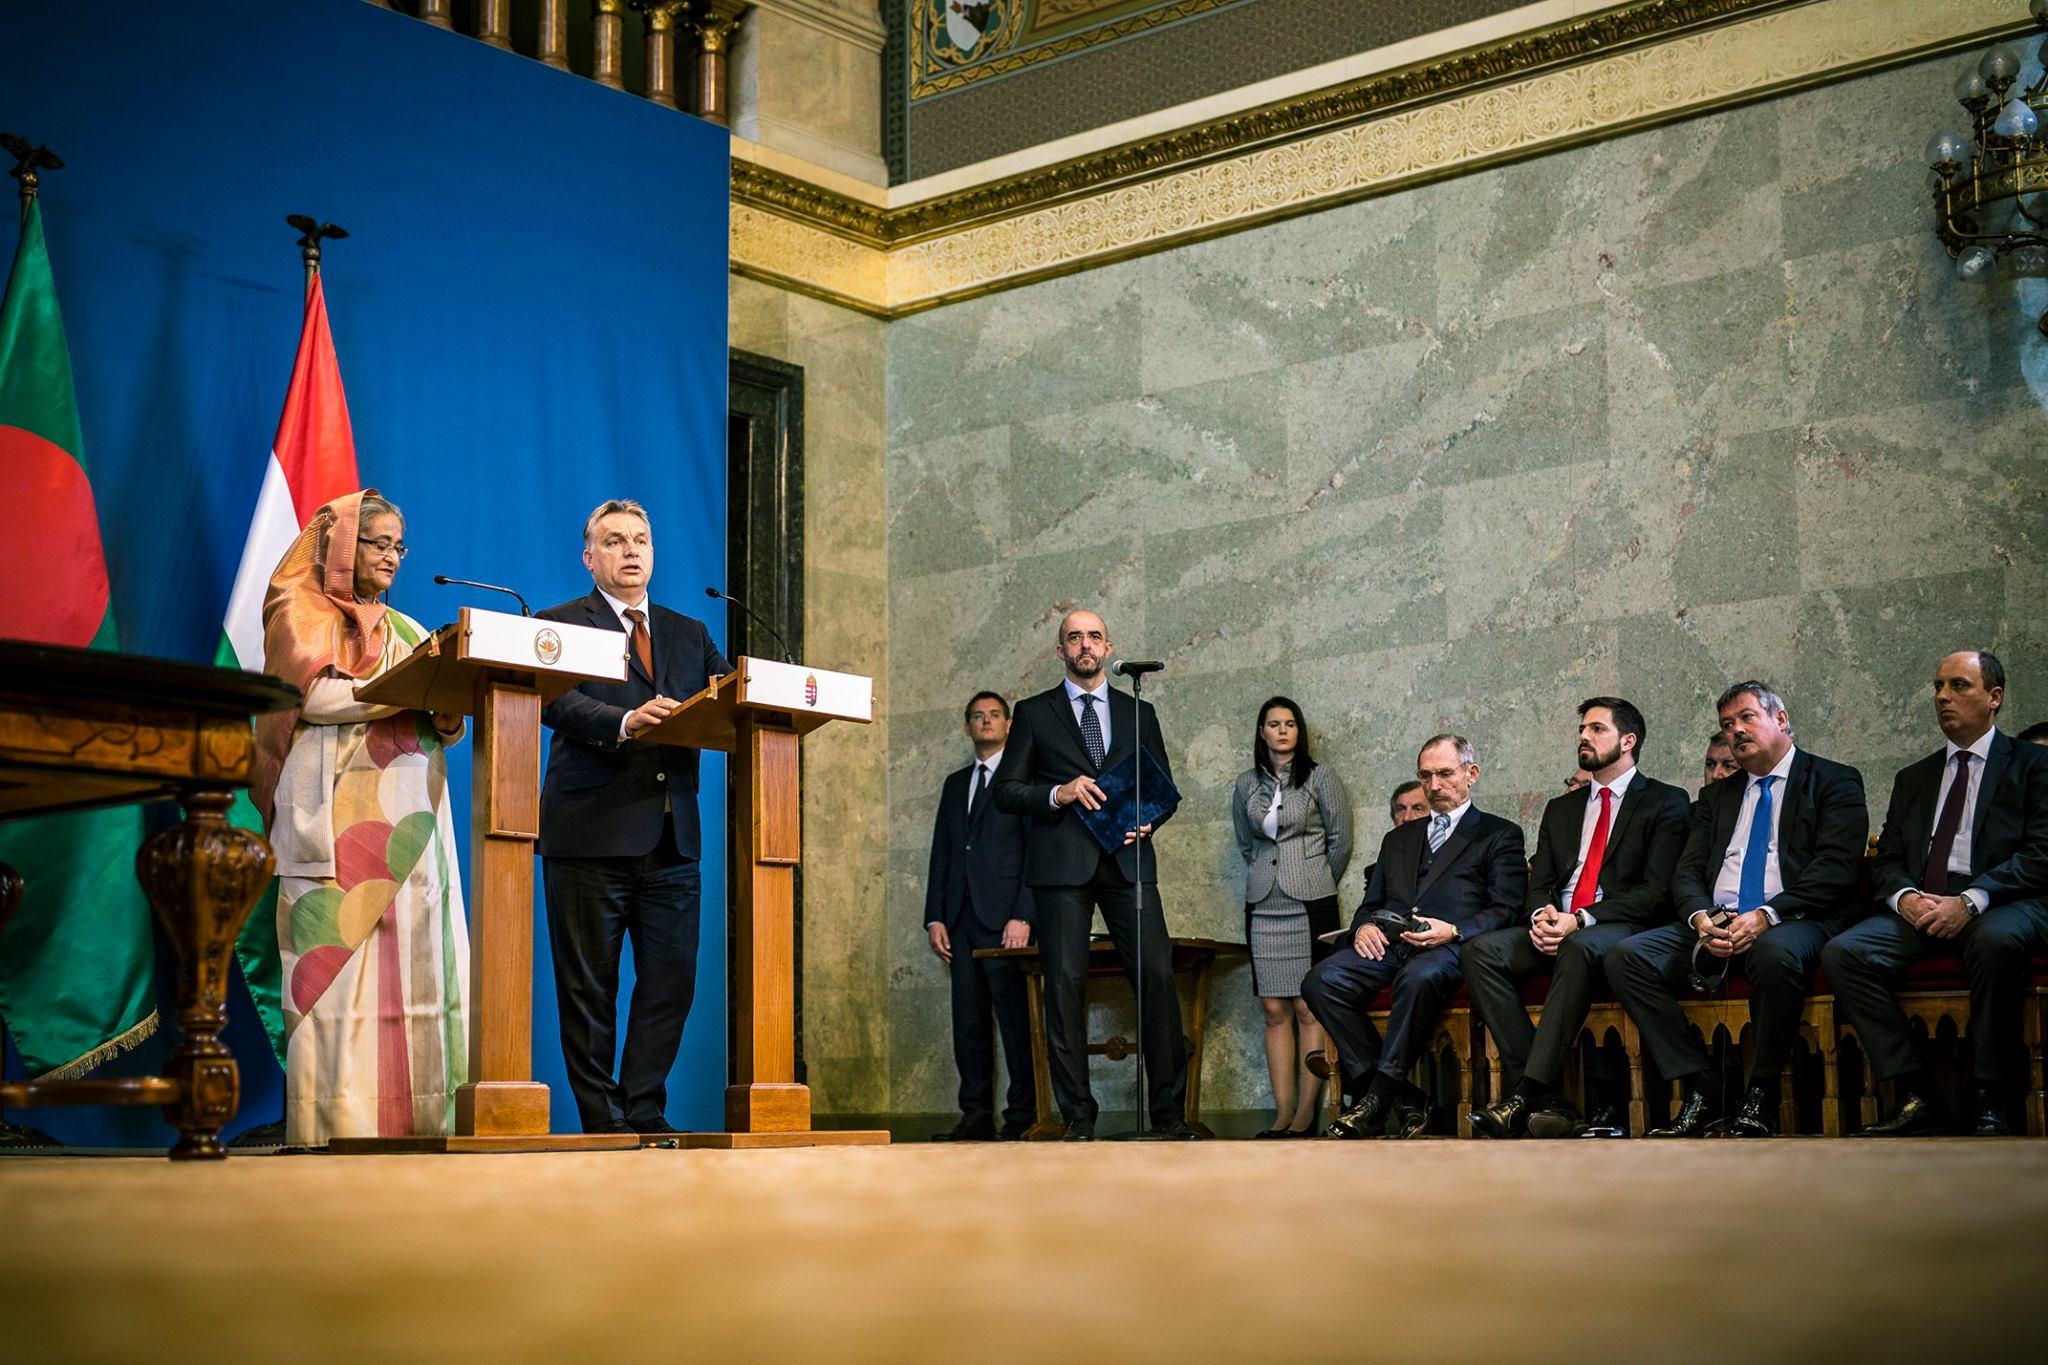 Milyen szerencse, hogy a bangladesi miniszterelnök nem szeptemberben találkozott Orbán Viktorral